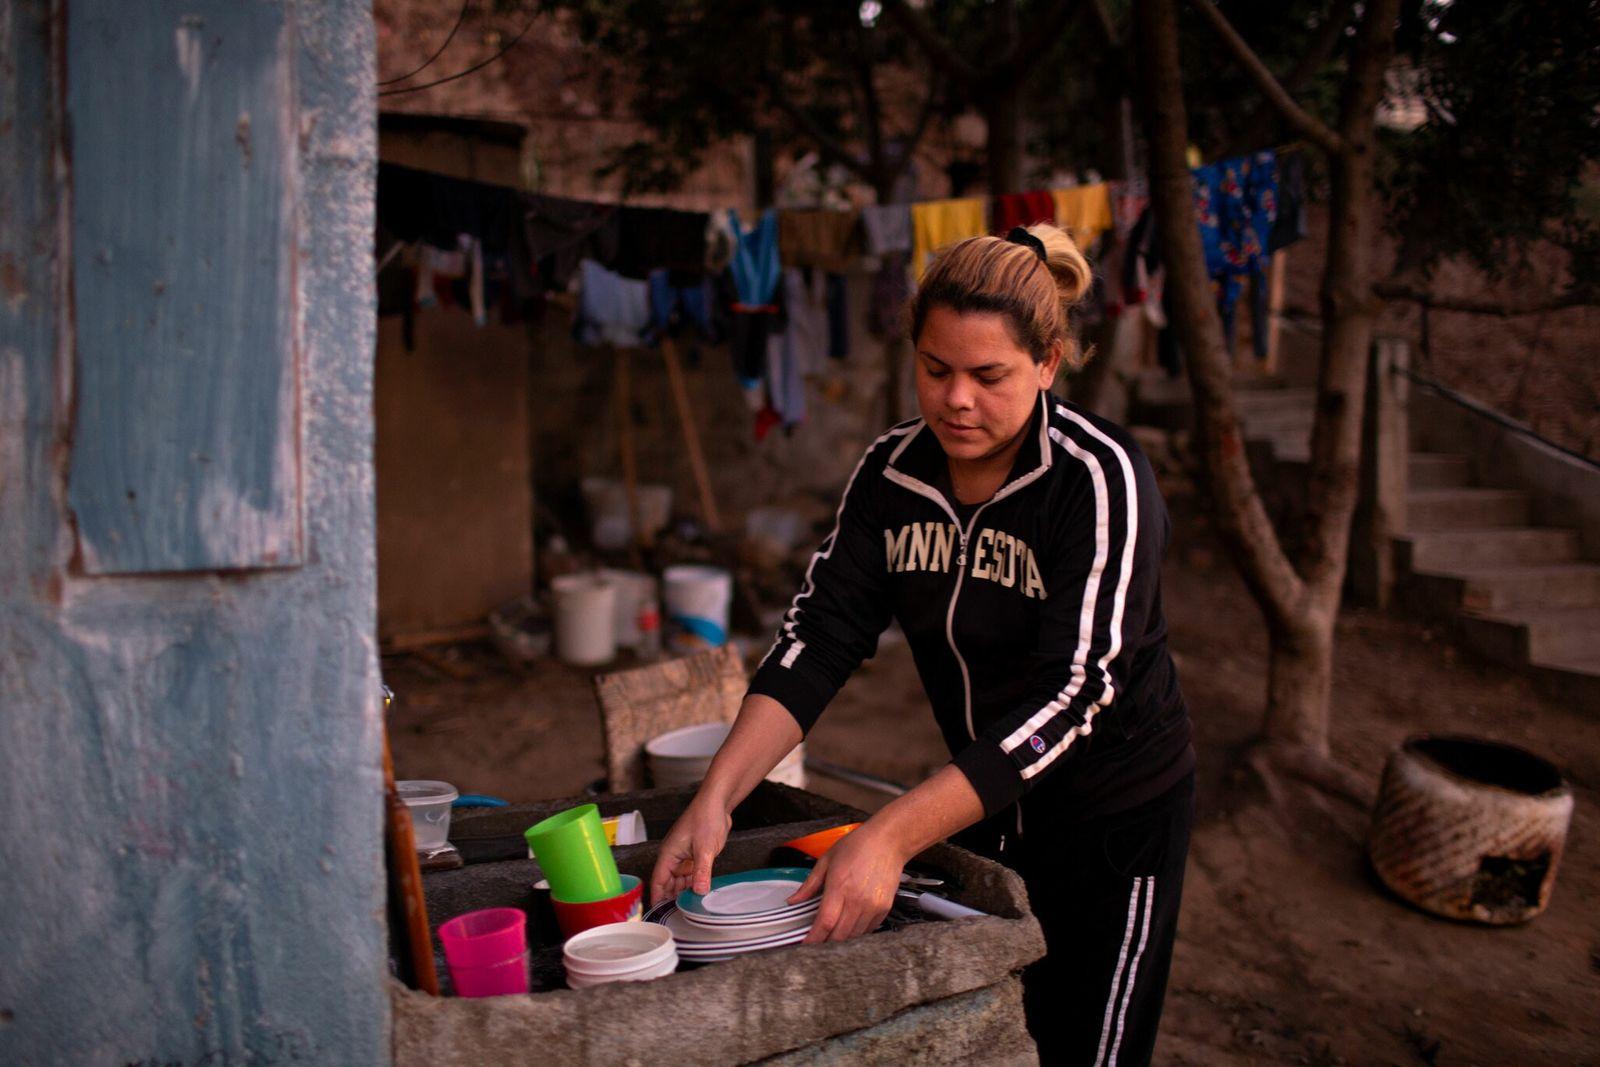 Kataleya lava pratos na pia ao ar livre de seu apartamento em Tijuana.